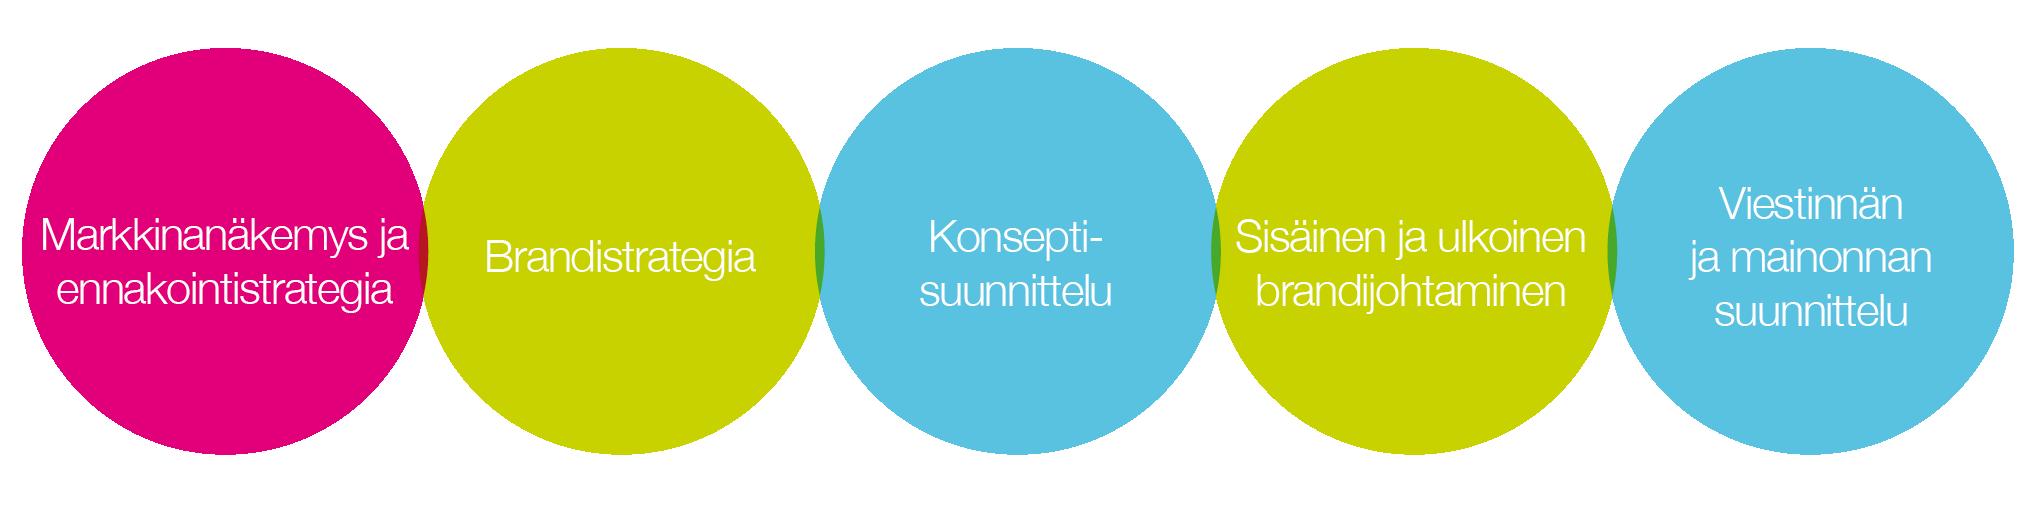 Pundan Palvelut - Markkinanäkemys ja ennakointistrategia - Brandistrategia - Konseptisuunnittelu - Sisäinen ja ulkoinen brandijohtaminen - Viestinnän ja mainonnan suunnittelu